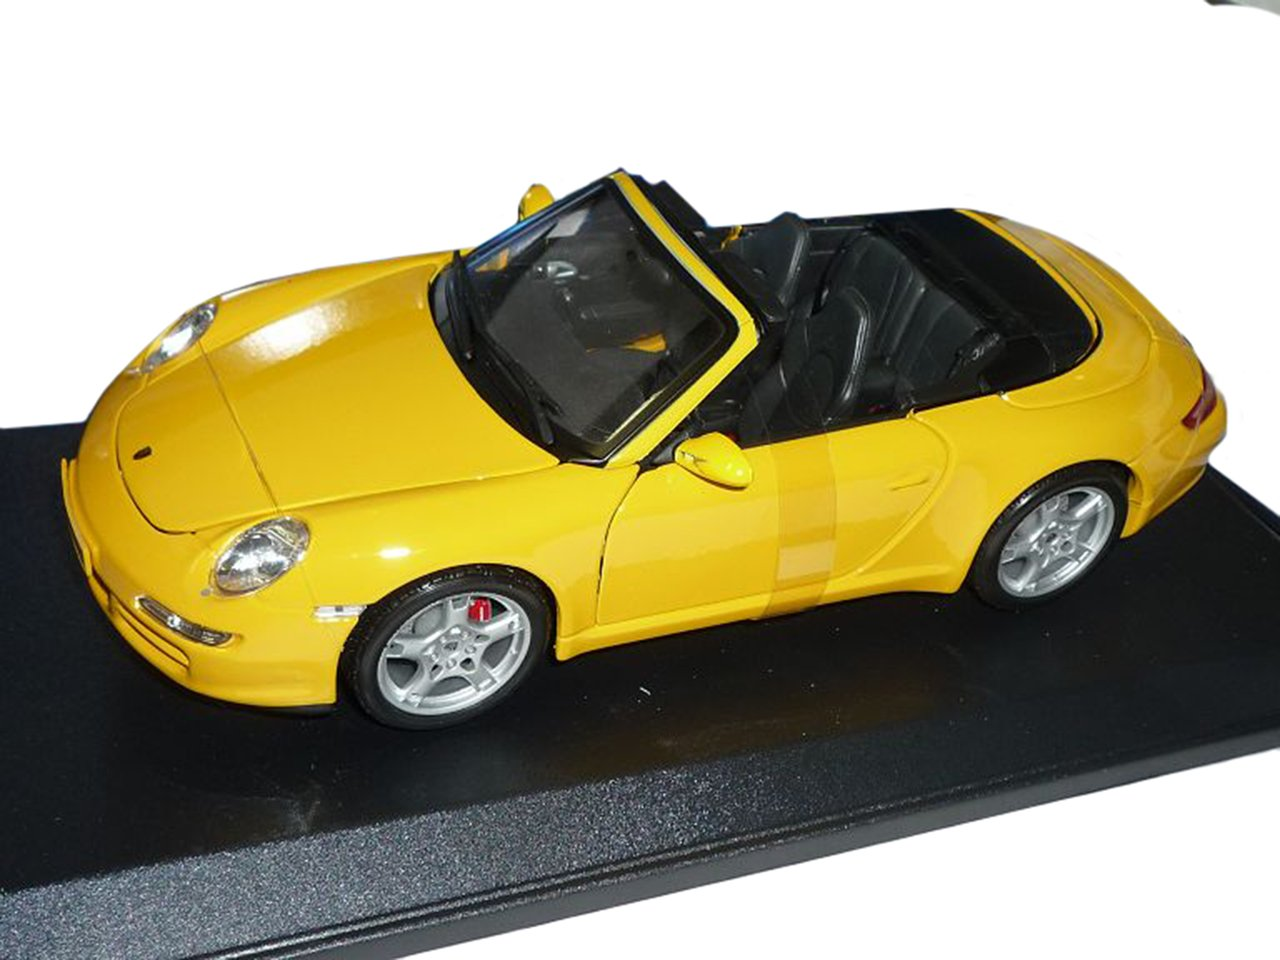 Maisto Porsche 911 997 Cabrio Gelb Carrera S 1//18 Modellauto Modell Auto